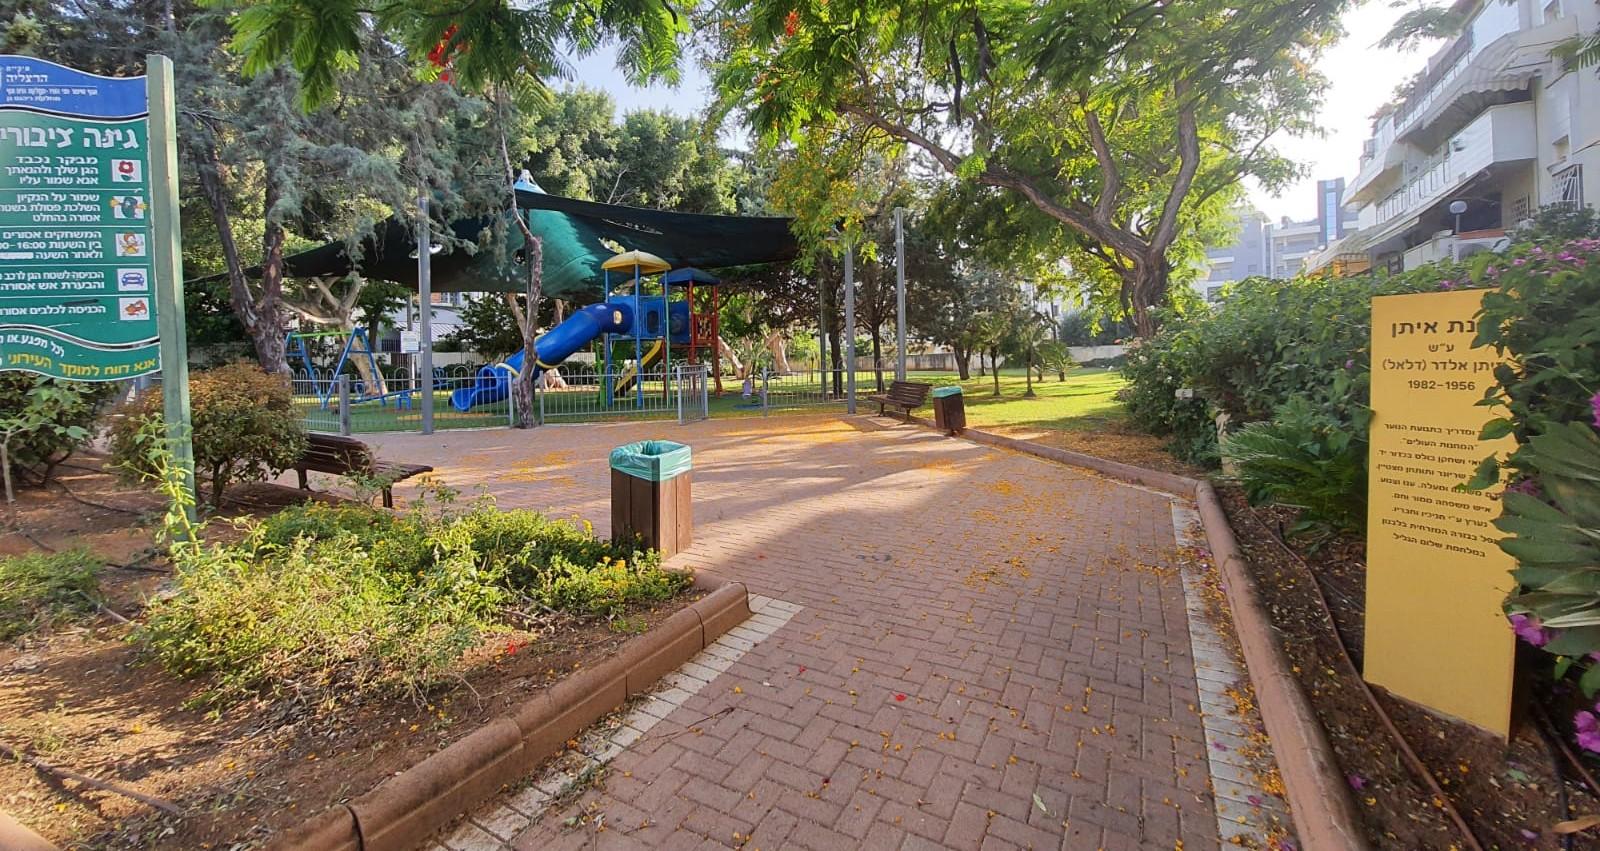 גינה ציבורית בשכונת הירוקה המזרחית הרצליה